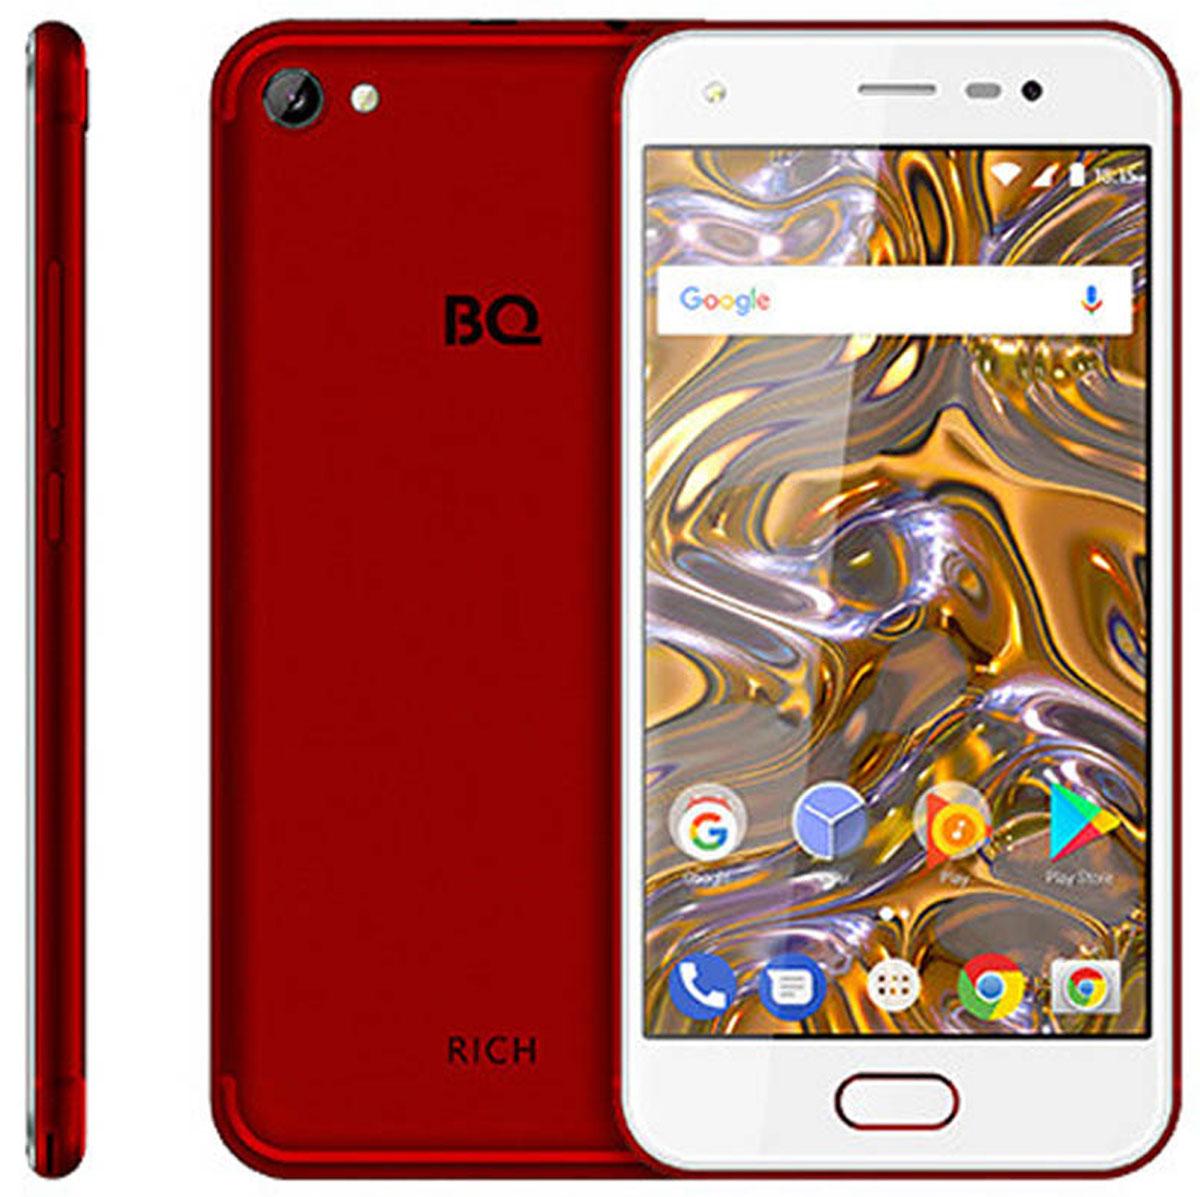 BQ 5012L Rich, Red85956647Акцент в смартфоне BQ 5012L Rich сделан на элегантный и эргономичный дизайн, дополненный функциональными техническими характеристиками. Для удобного и привычного использования смартфона на передней панели установлена кнопка Home. Бесперебойное функционирование современных программ и приложений осуществляется с помощью 4-ядерного процессора MTK6737 с тактовой частотой 1300 MHz. Фото- и видеовозможности обеспечиваются 2 камерами с разрешением 8 и 5 МП соответственно. Для комфортного интернет-серфинга на достаточной скорости, установлен модуль 4G.Телефон сертифицирован EAC и имеет русифицированный интерфейс меню и Руководство пользователя.